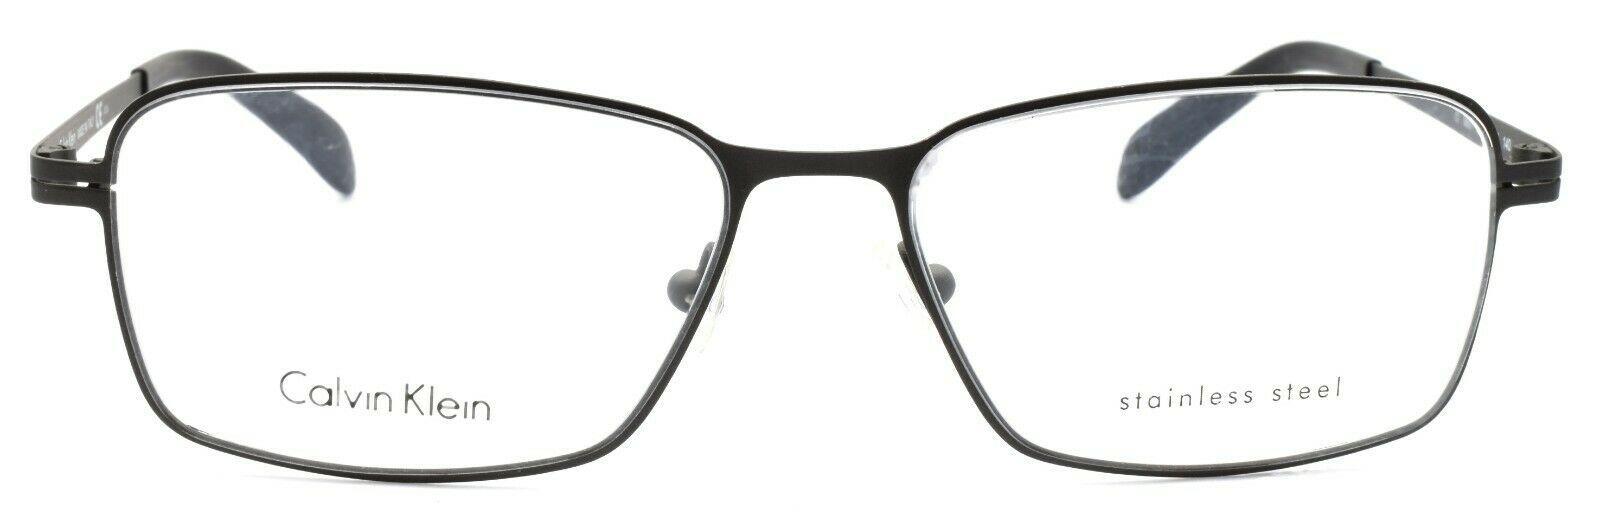 Calvin Klein CK5410 042 Men's Eyeglasses Frames 53-17-140 Turtledove Gray ITALY